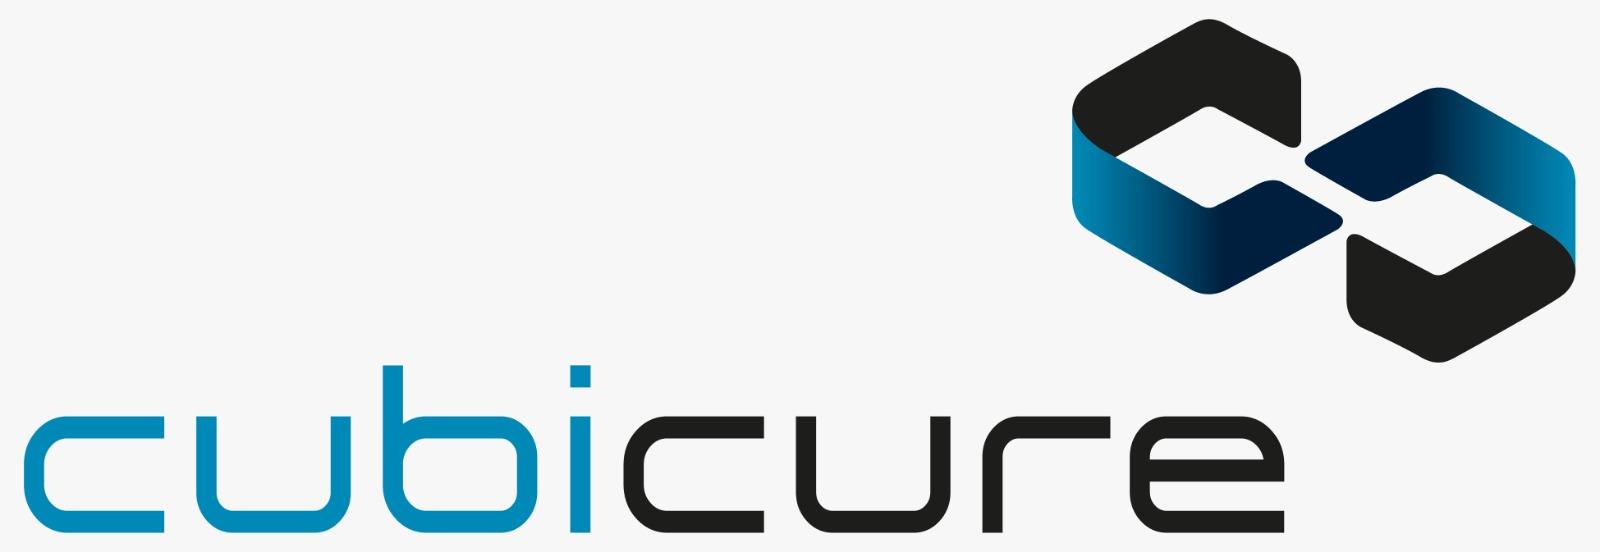 cubicure (2)